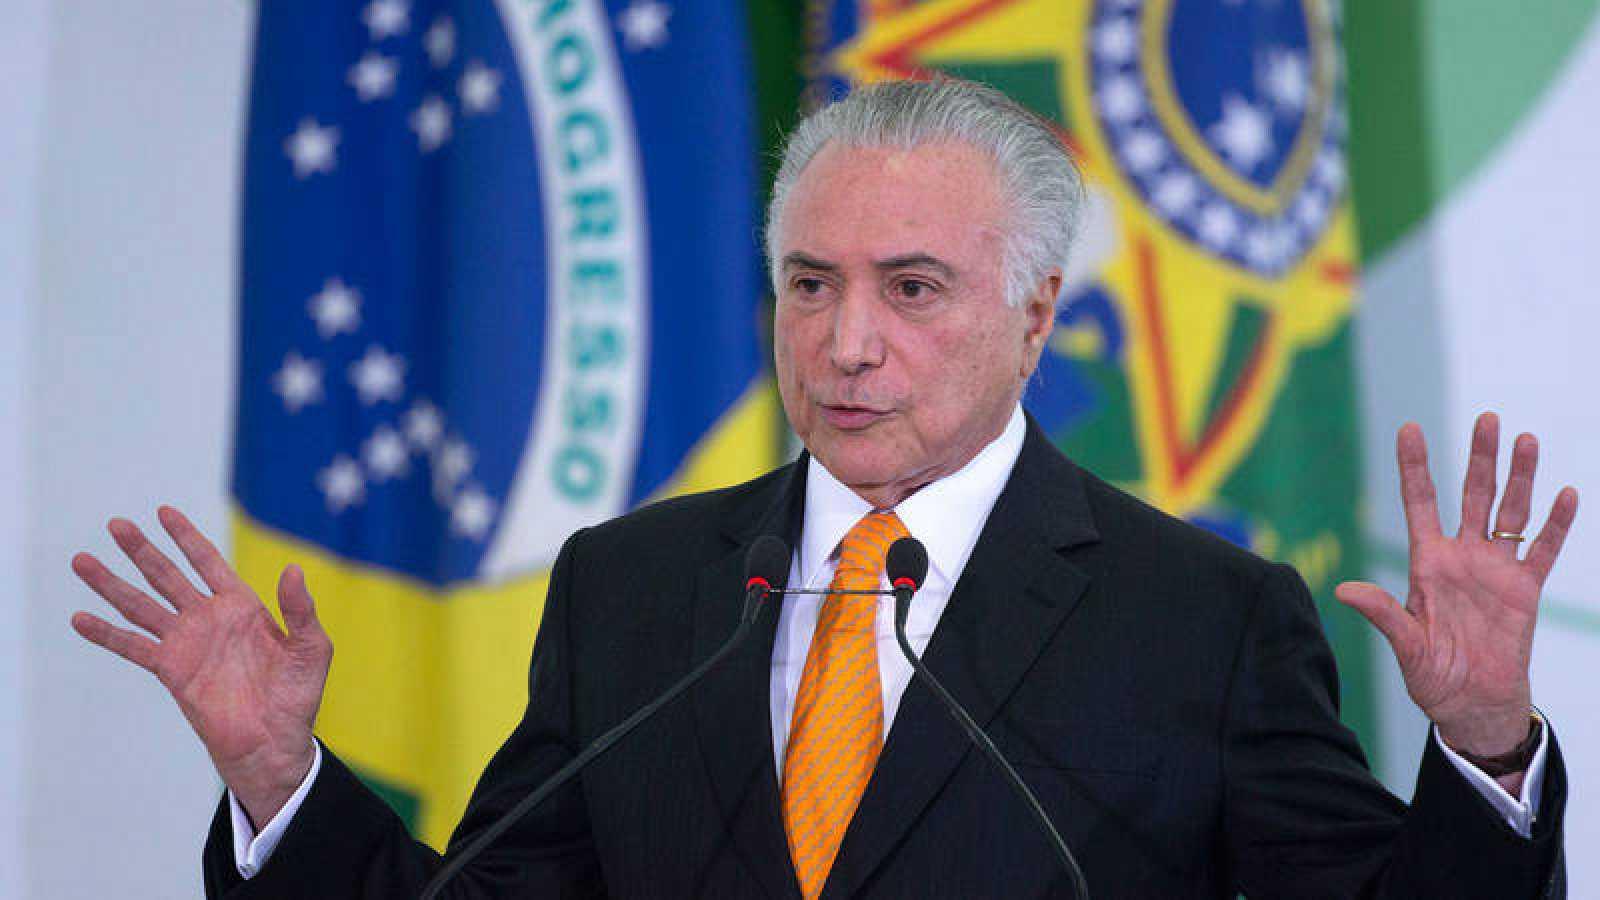 La Policía de Brasil señala al presidente Temer por delitos de asociación para delinquir, corrupción y lavado de dinero